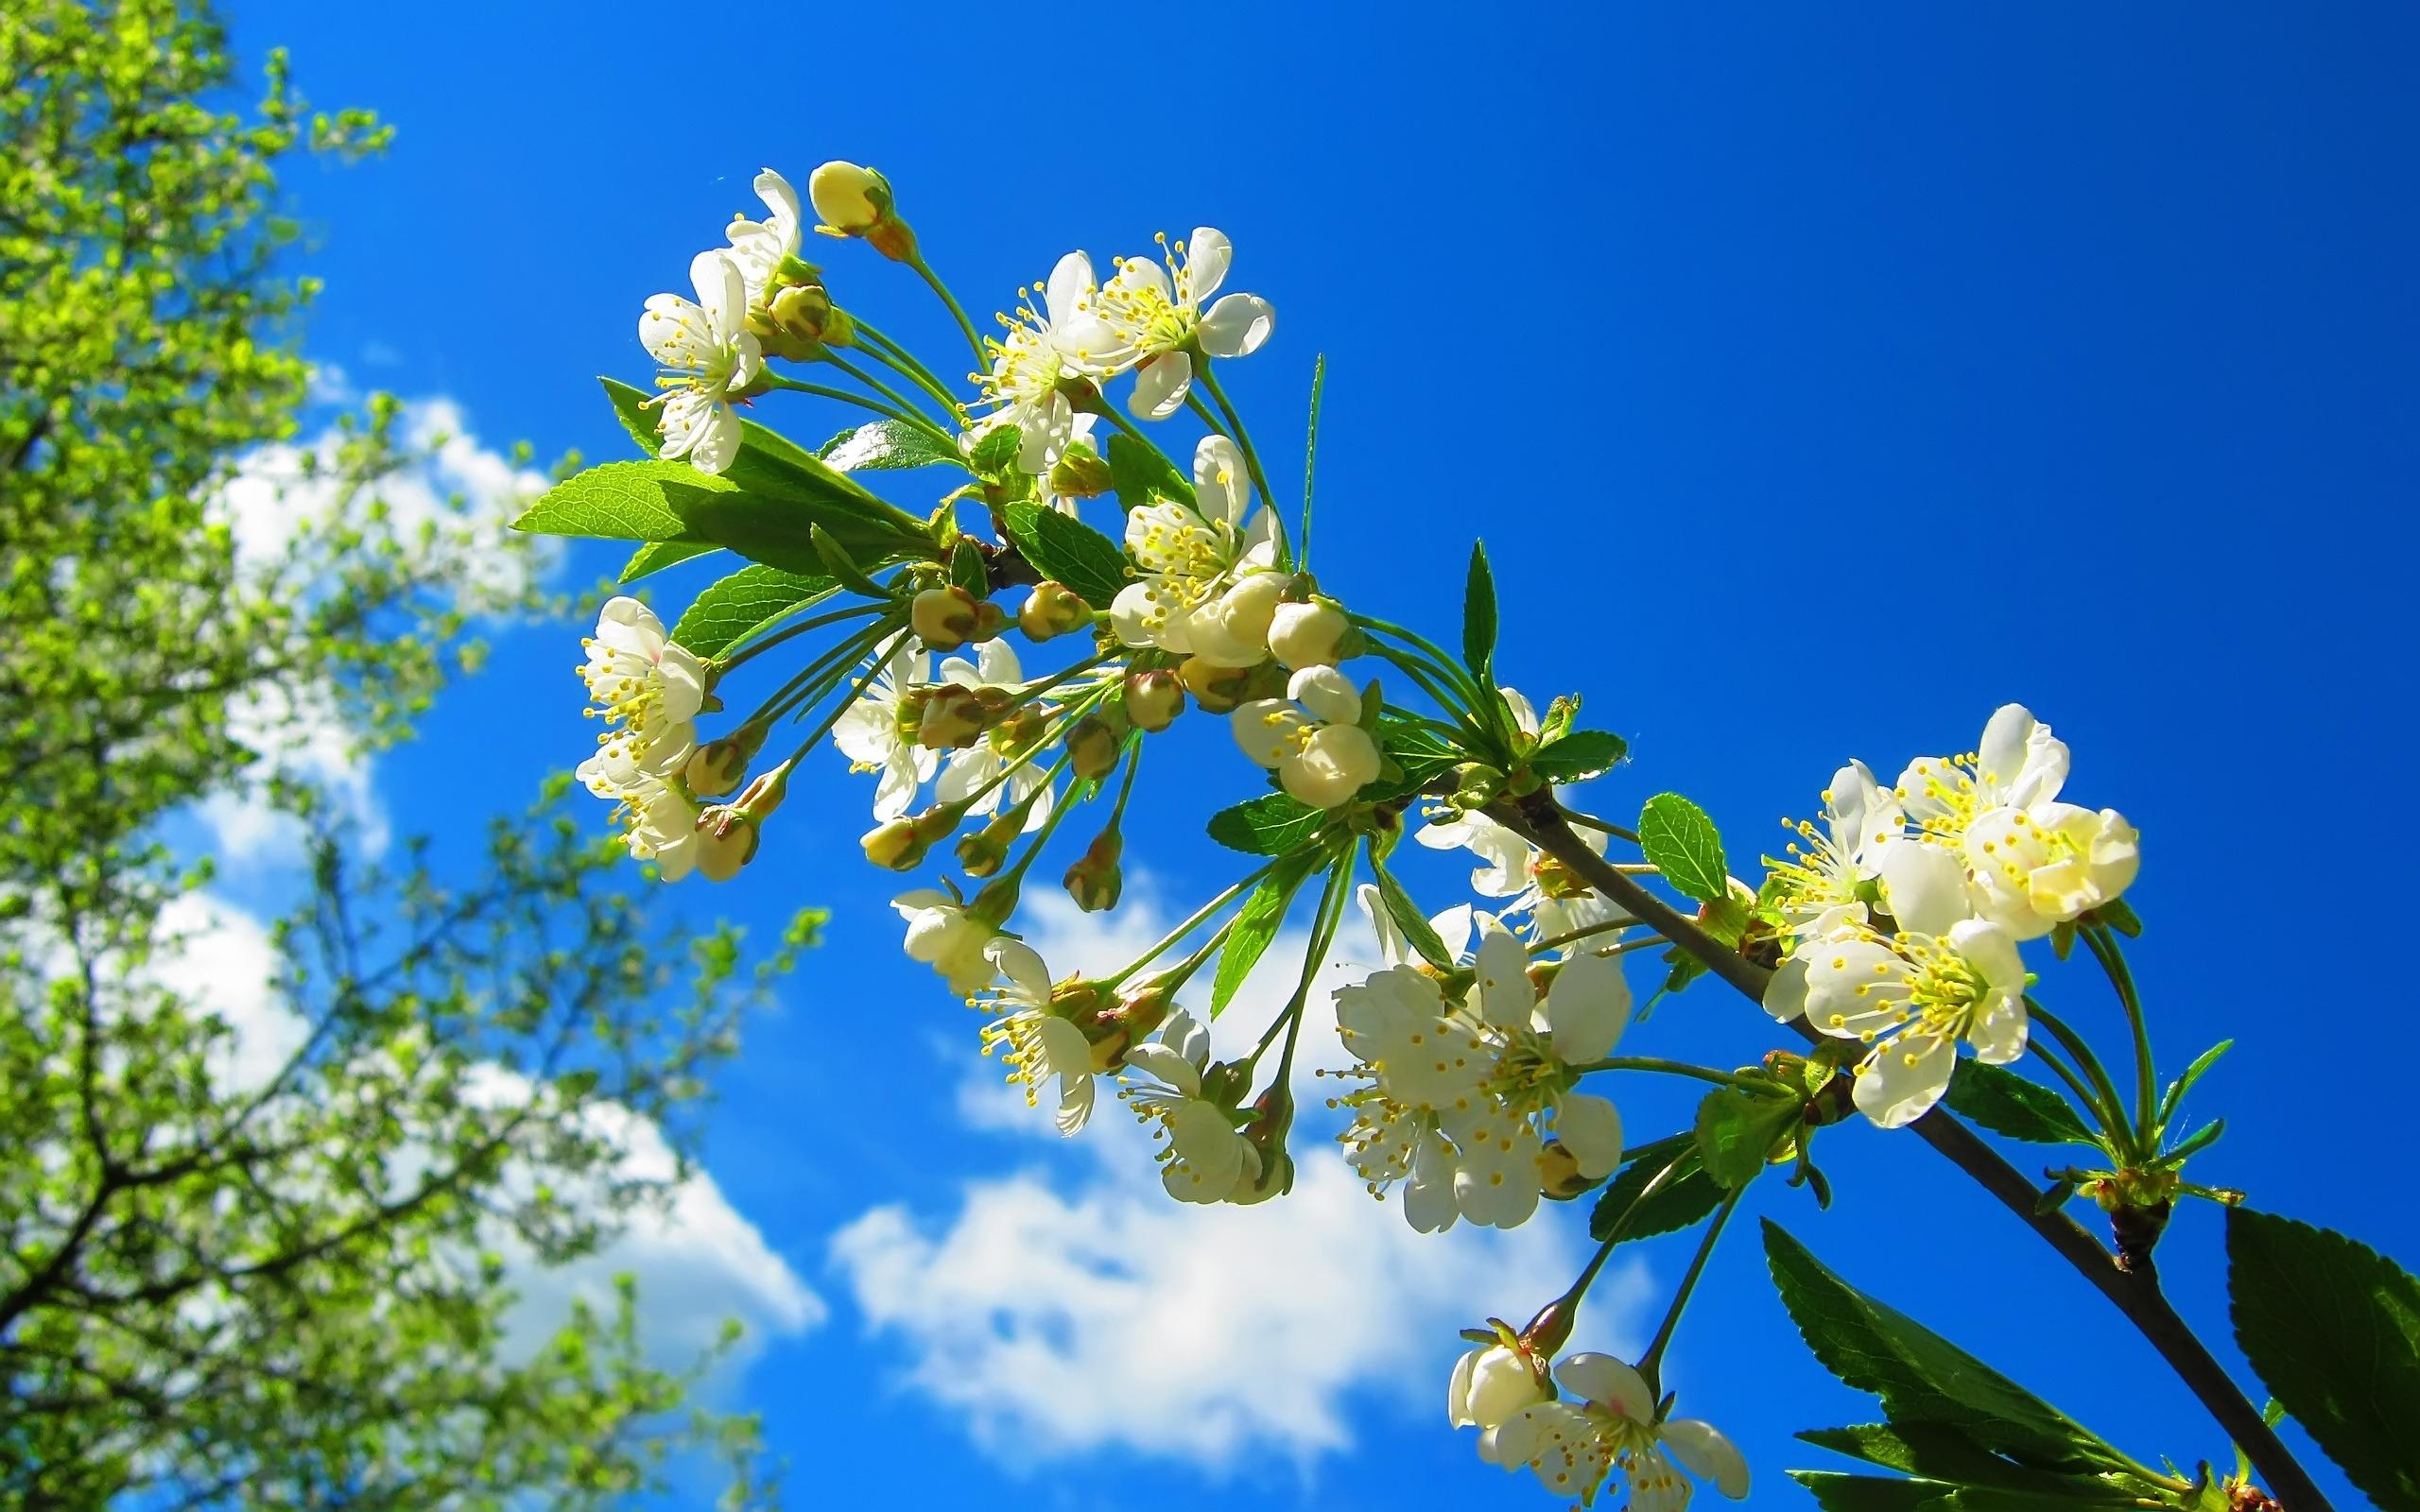 Картинки на рабочий стол красивые большие весна